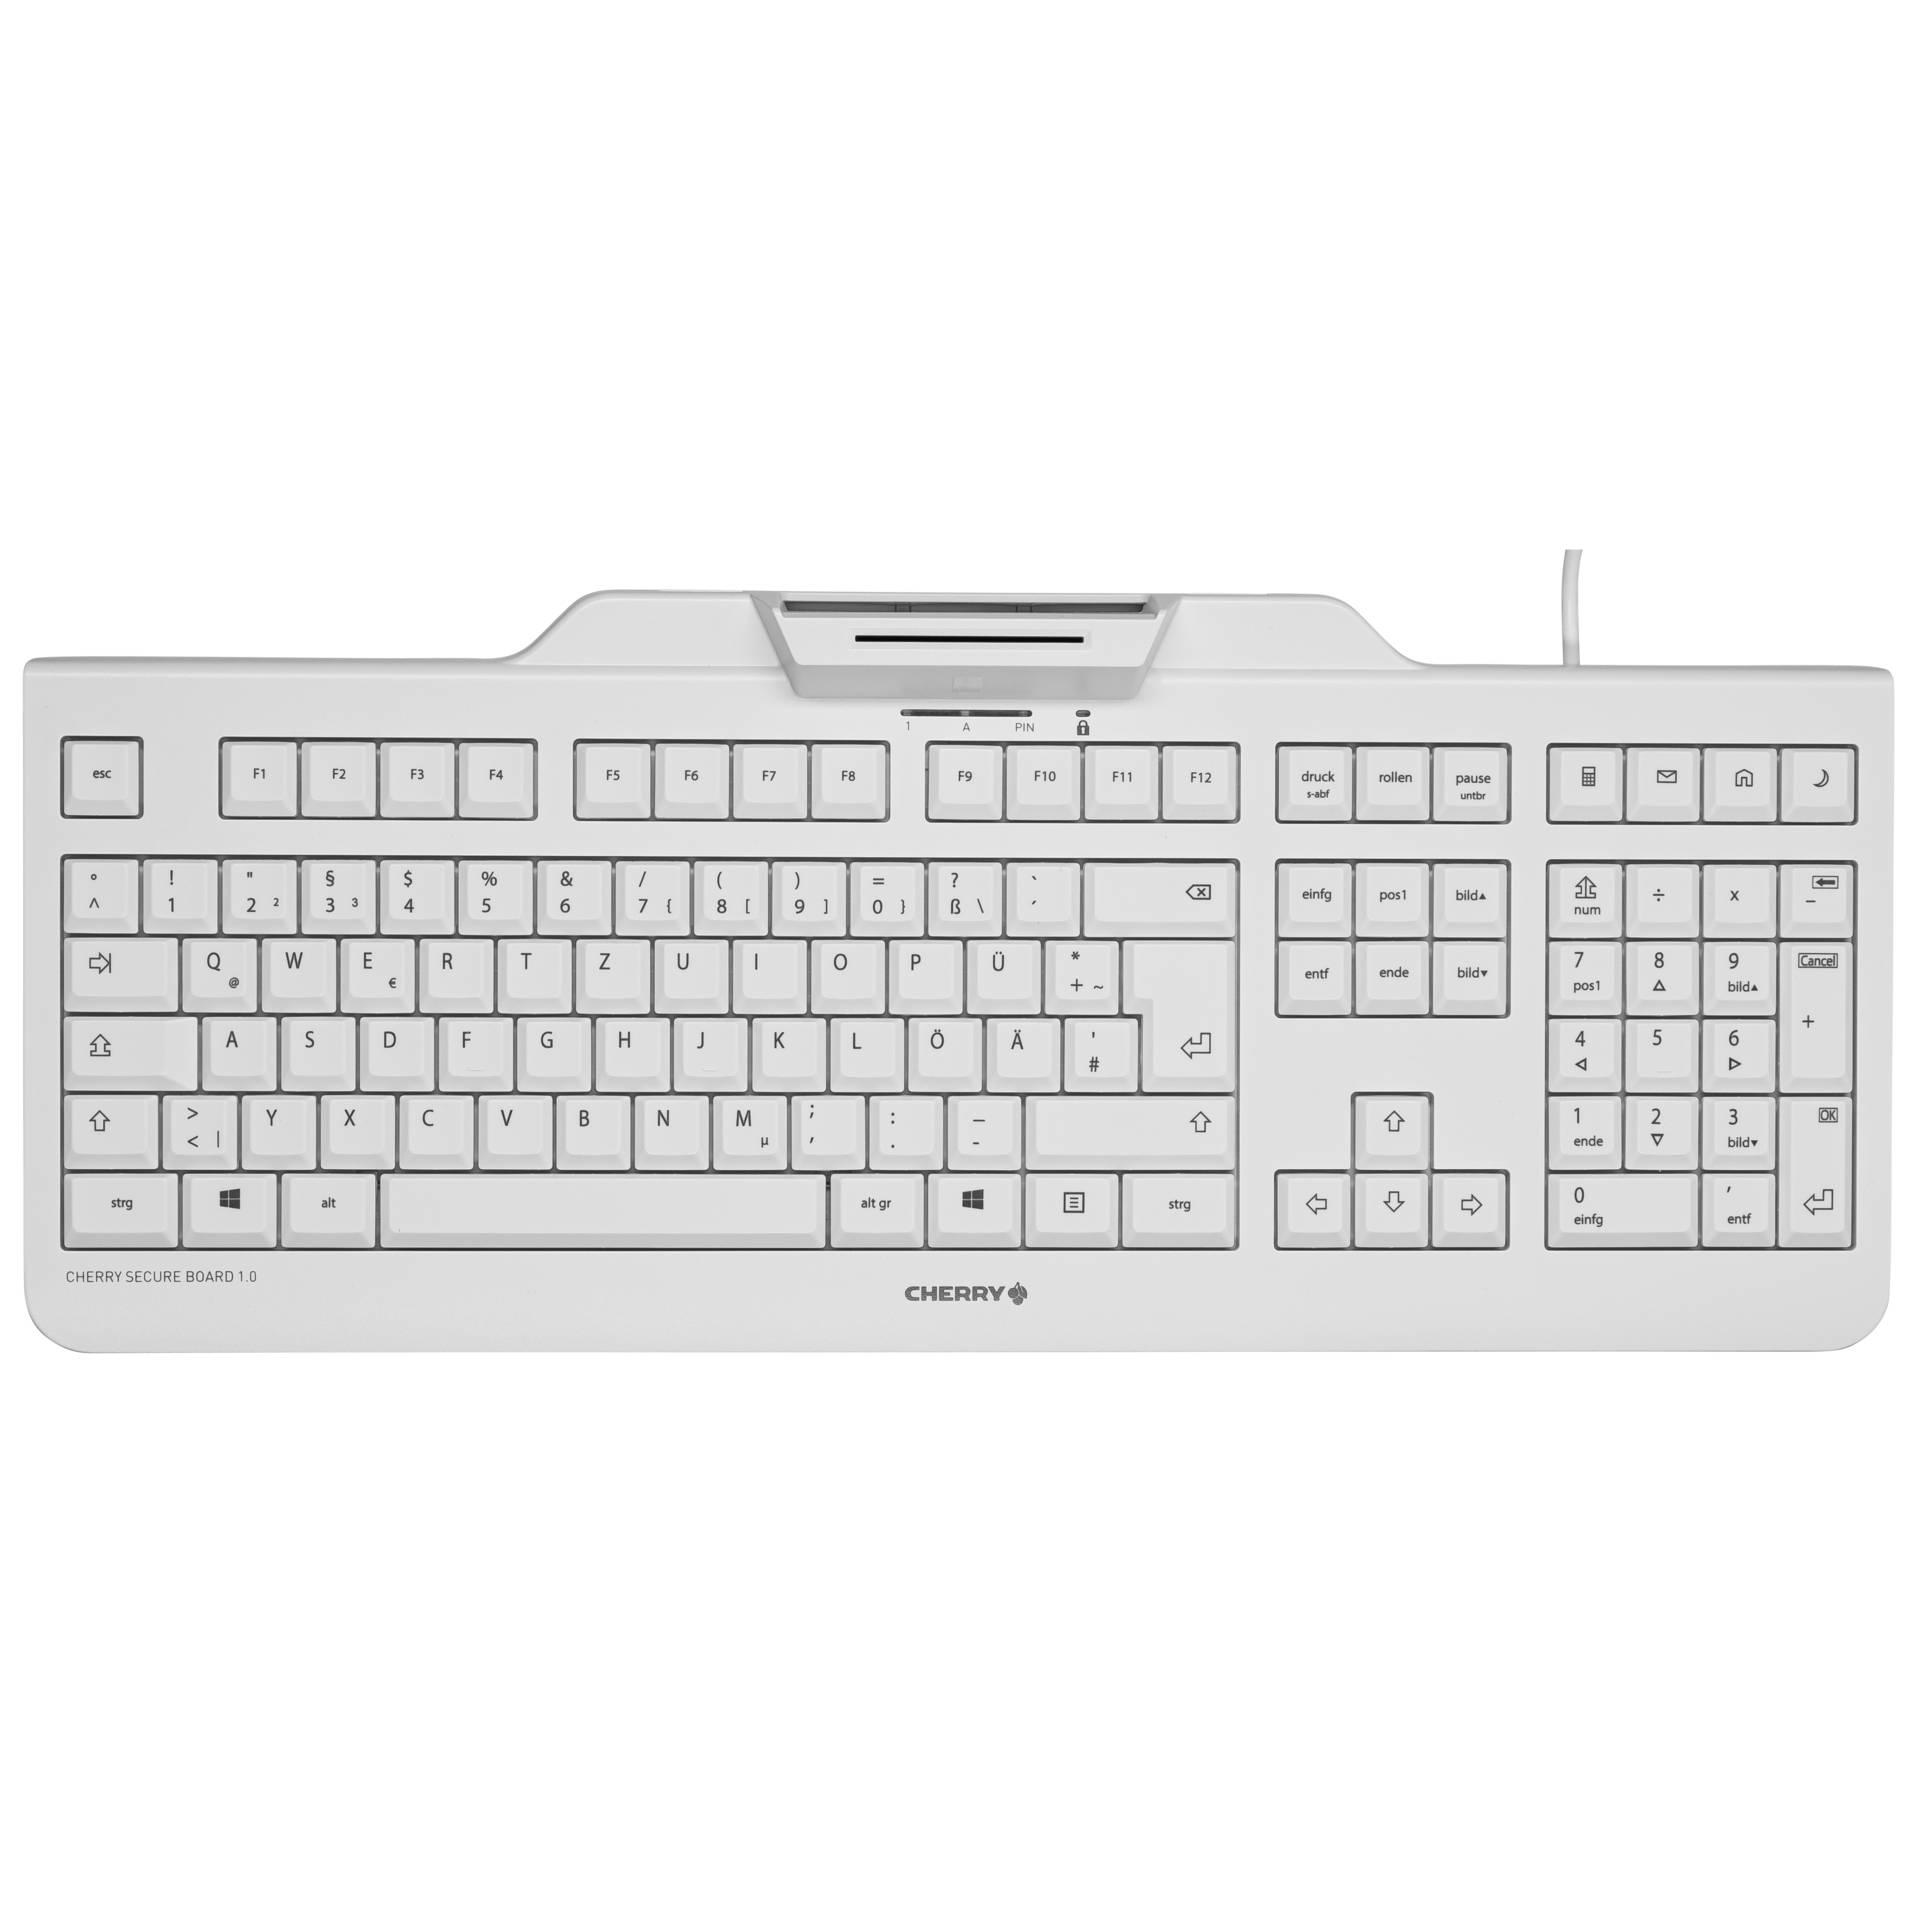 CHERRY Tastatur - Modell: Cherry SECURE BOARD 1.0 Grau Deutsches Layout